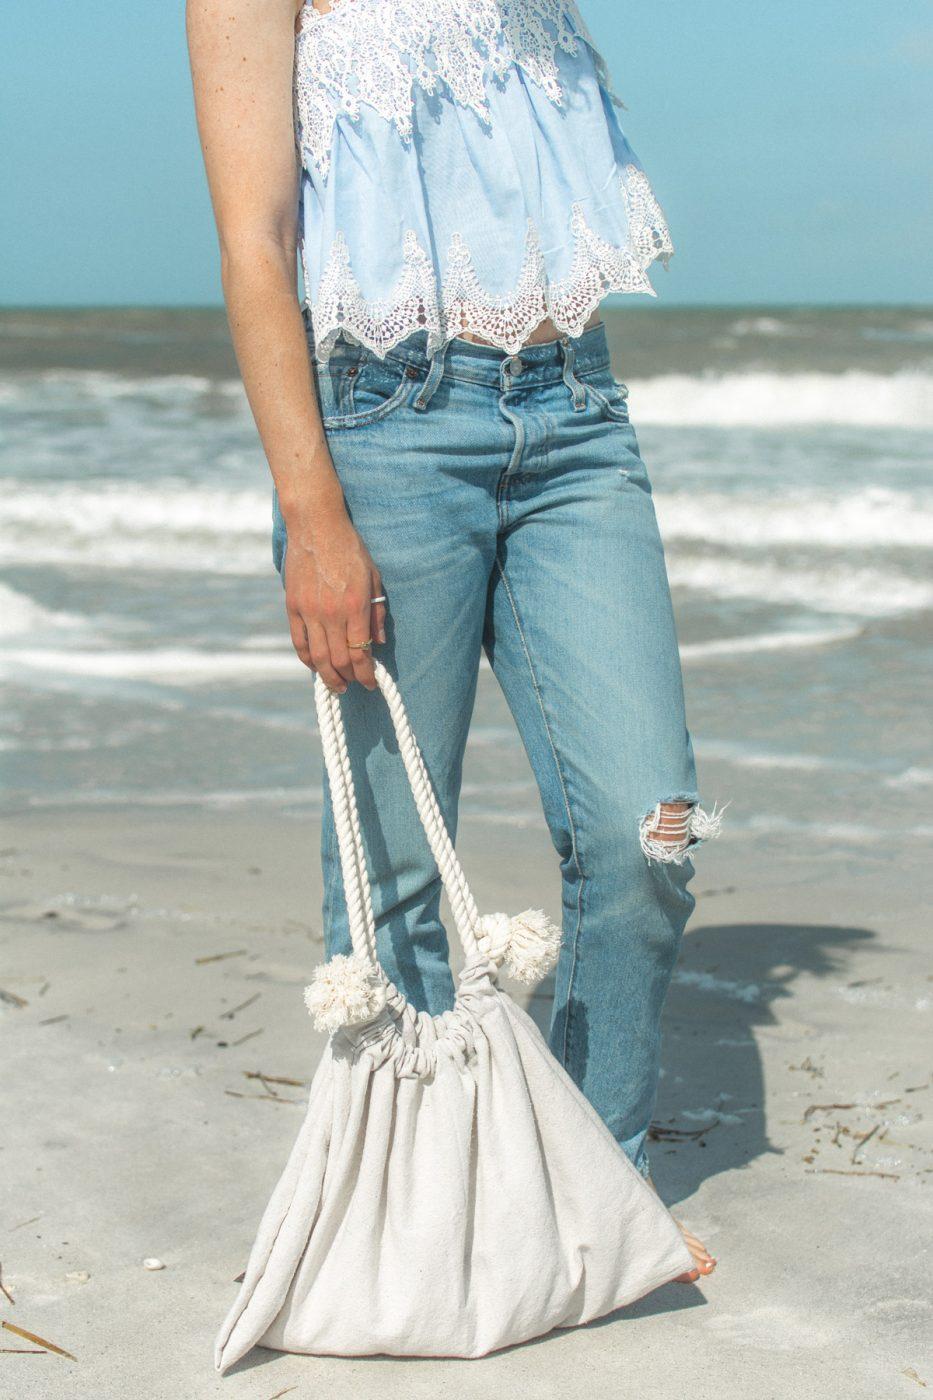 DIY drop cloth beach bag and Levi's - Jenny Bess Sweet Teal